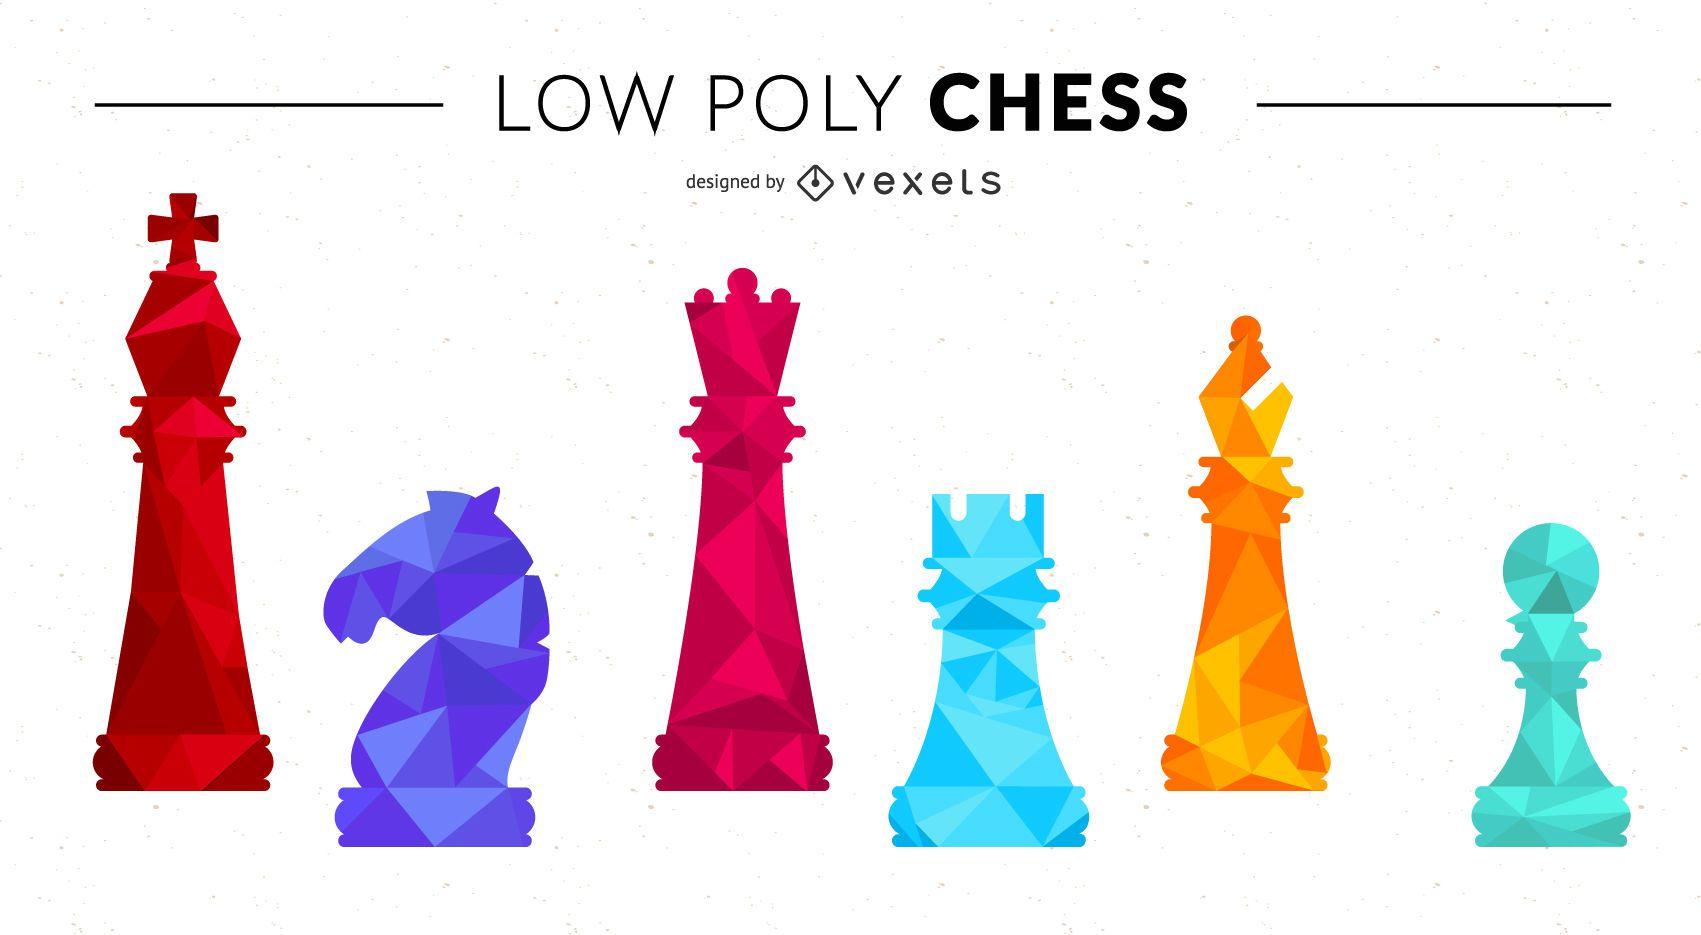 Juego de figuras de ajedrez Low Poly